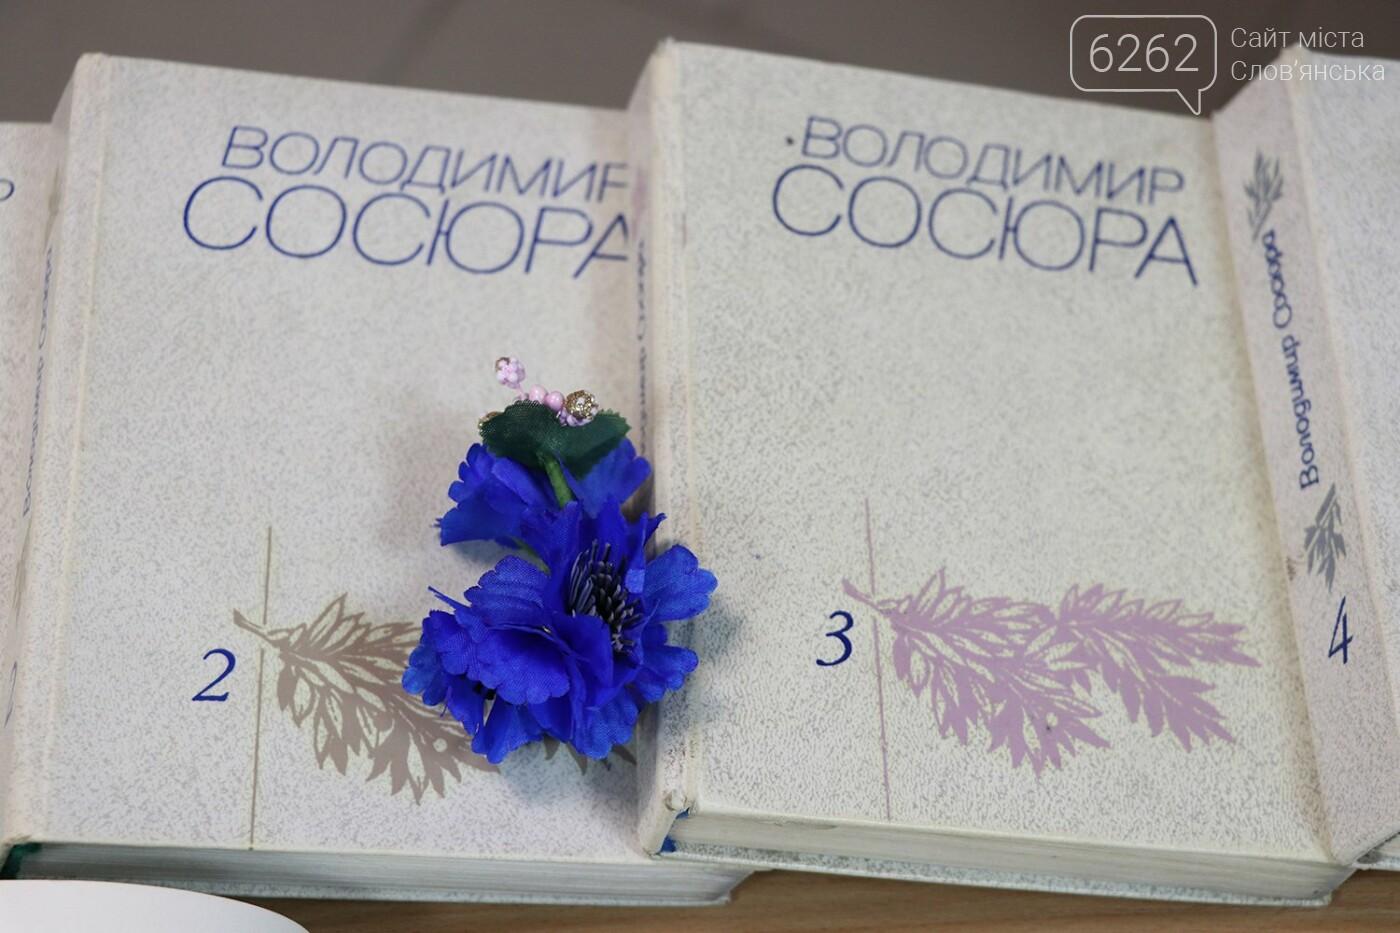 У слов'янській бібліотеці відбувся всеукраїнський фестиваль пам'яті Сосюри, фото-1